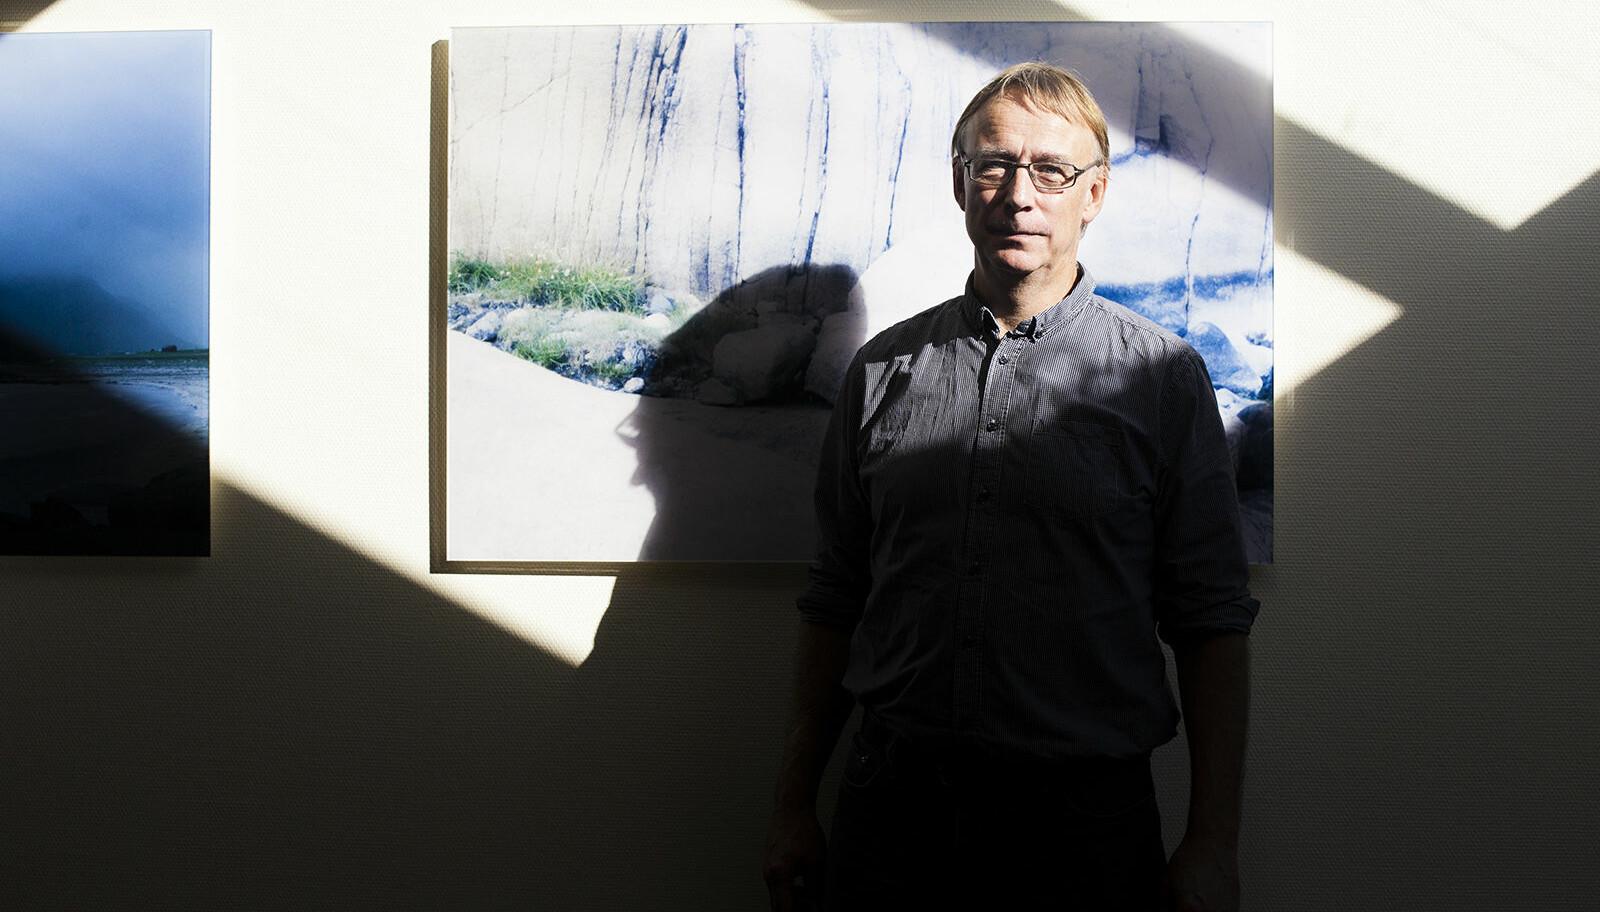 — Det kan synes om visjonene ikke har helt rot i virkeligheten, sier Jan Wessel.